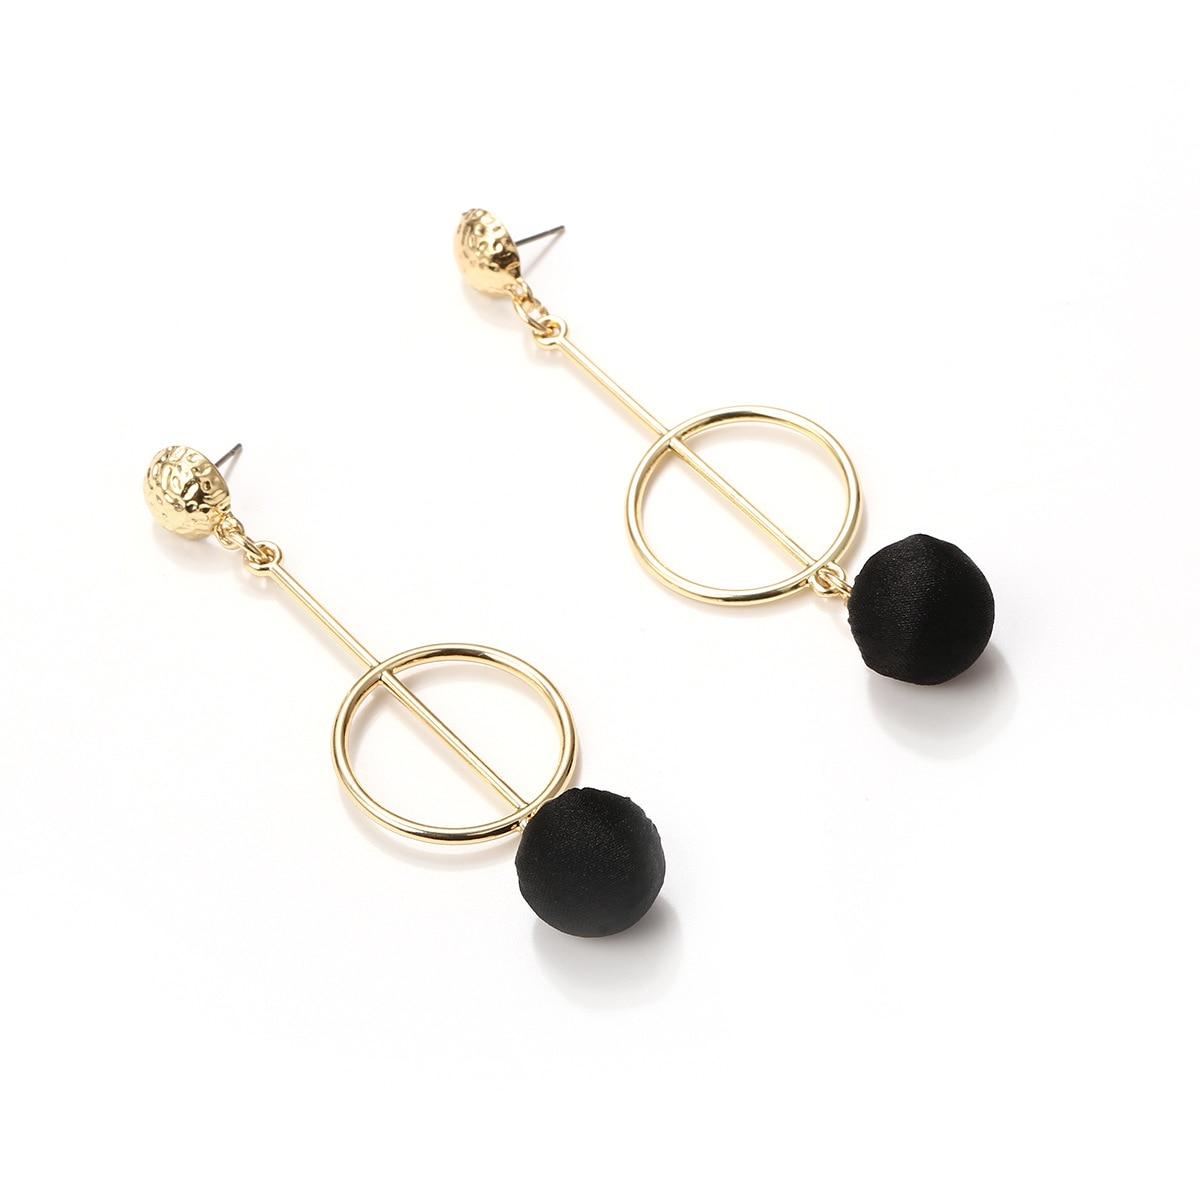 NEW Fashion Simple Drop Earrings Alloy Hollow Pierced ...